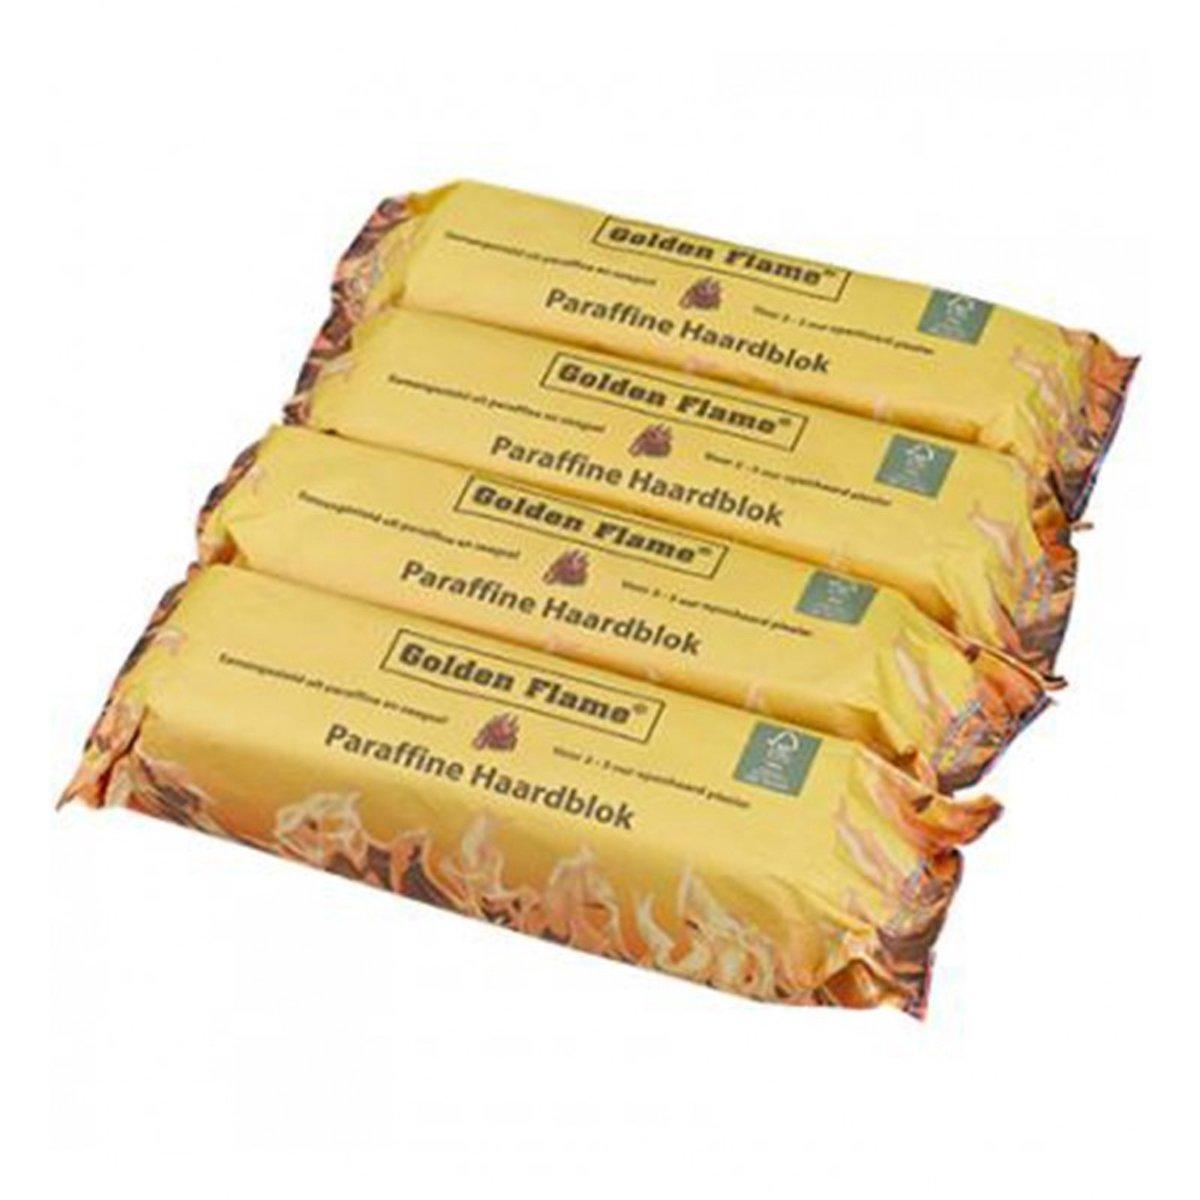 Golden Flame paraffine haardblokken - brandt 2-3 uur - 4 stuks per zak kopen